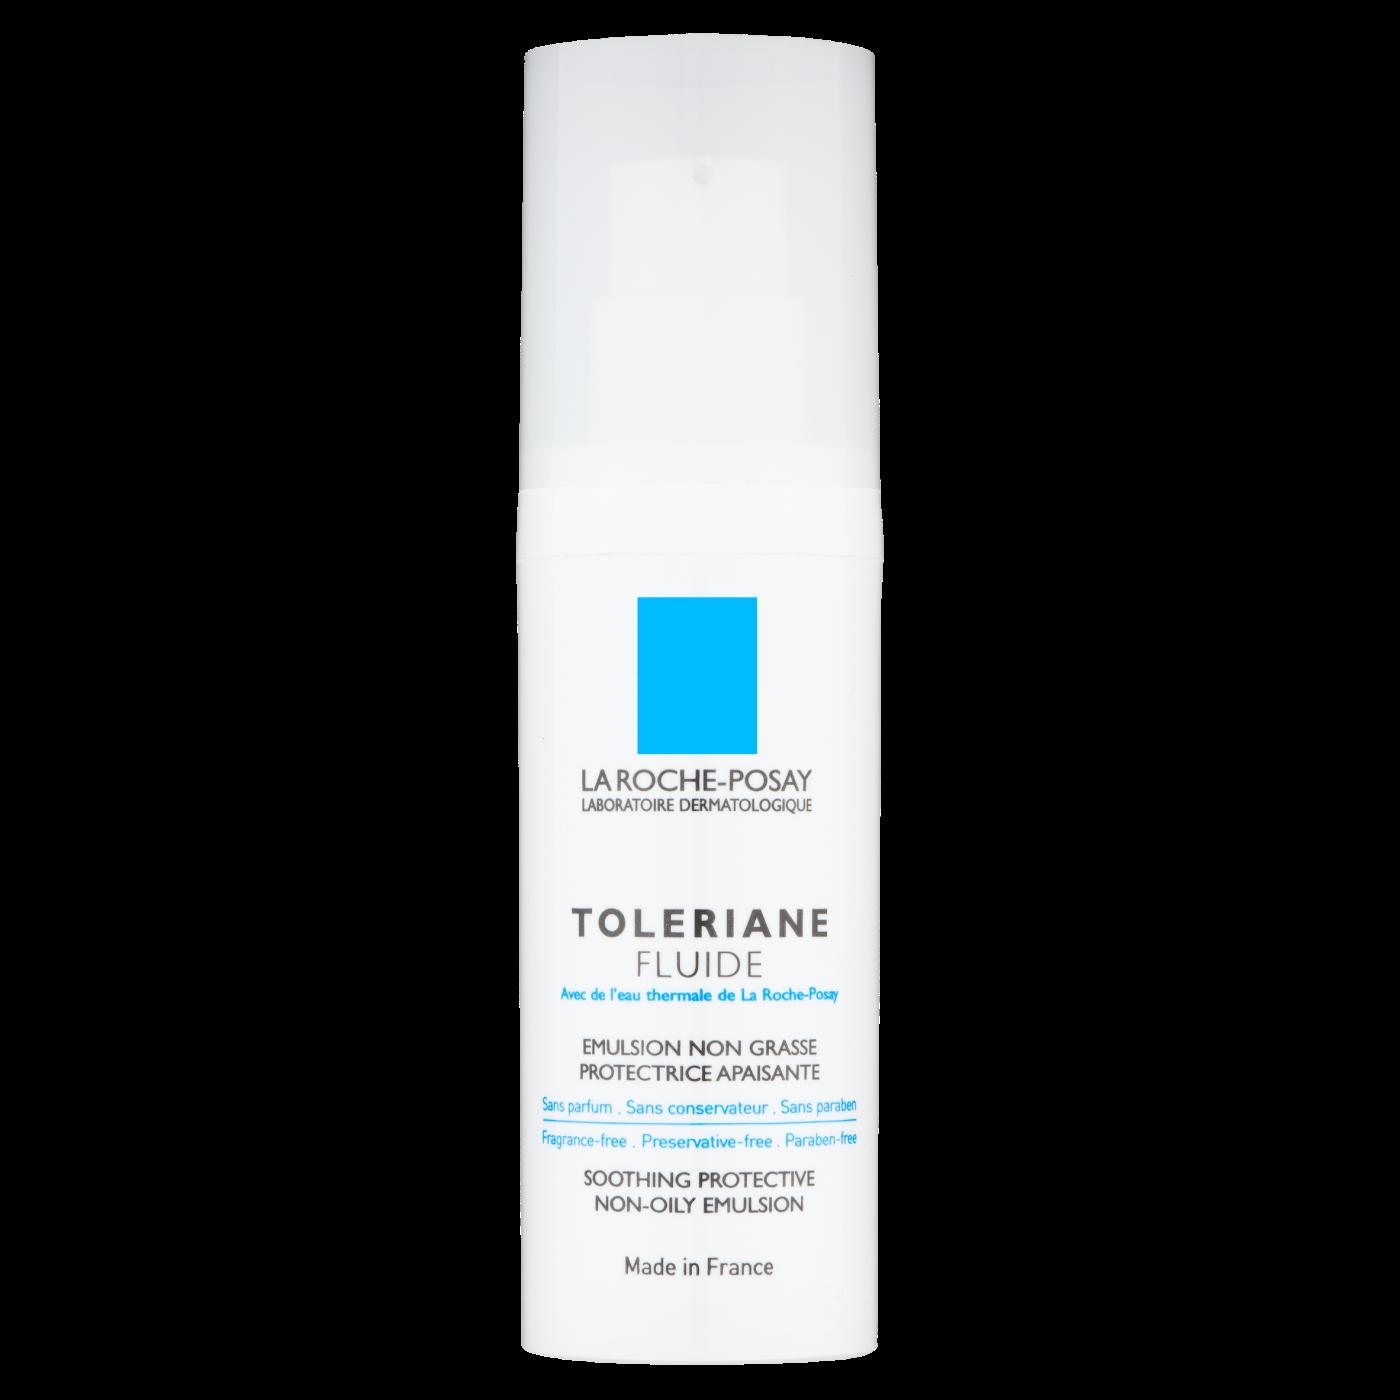 Buy Toleriane Fluid Cream For Sensitive Skin La Roche